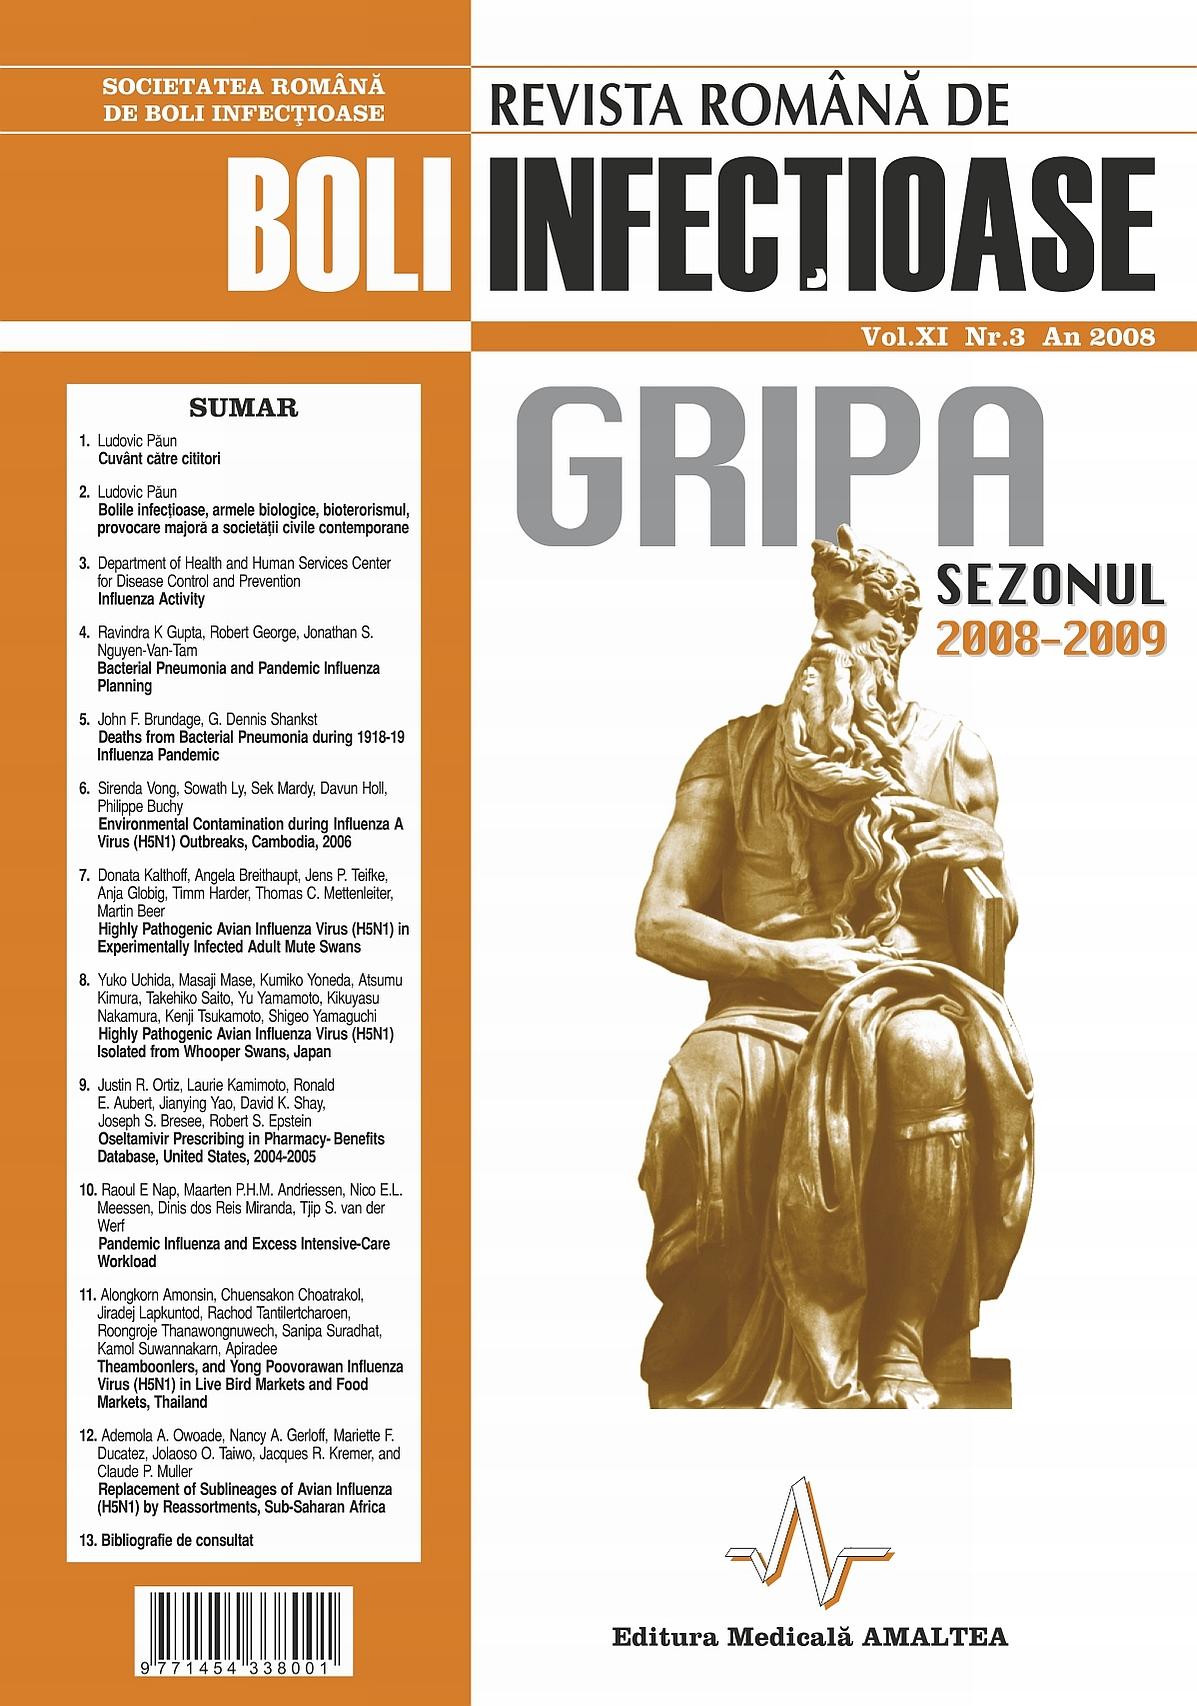 Revista Romana de Boli Infectioase | Vol. XI, No. 3, 2008